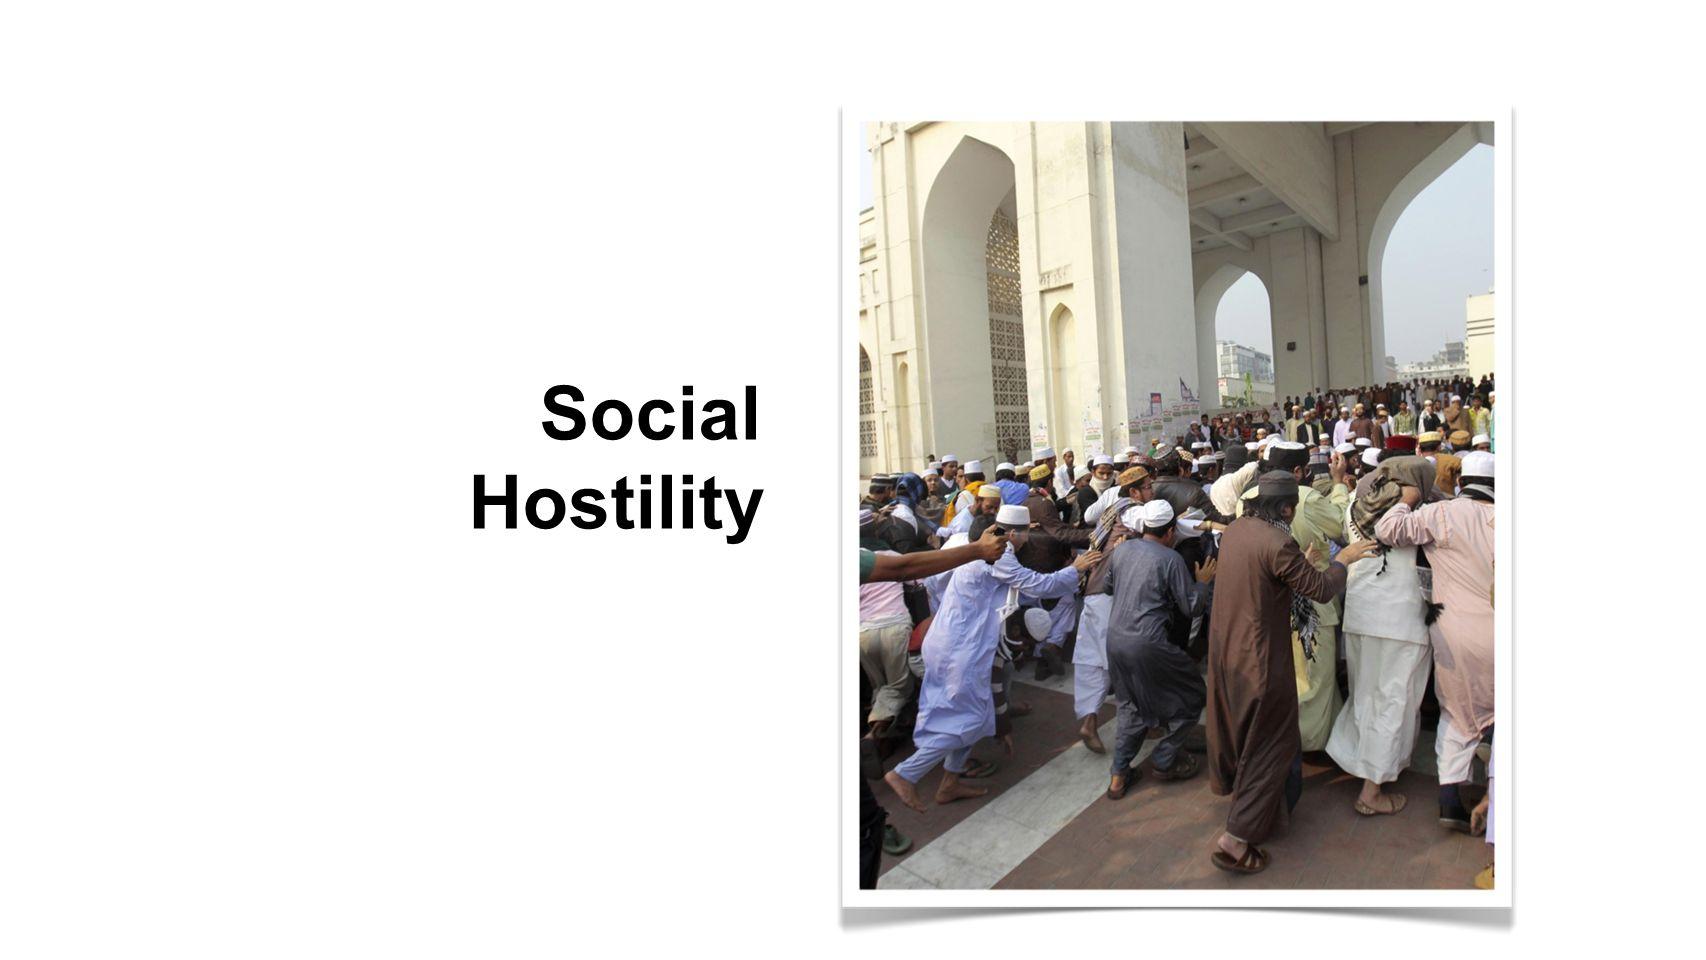 Social Hostility